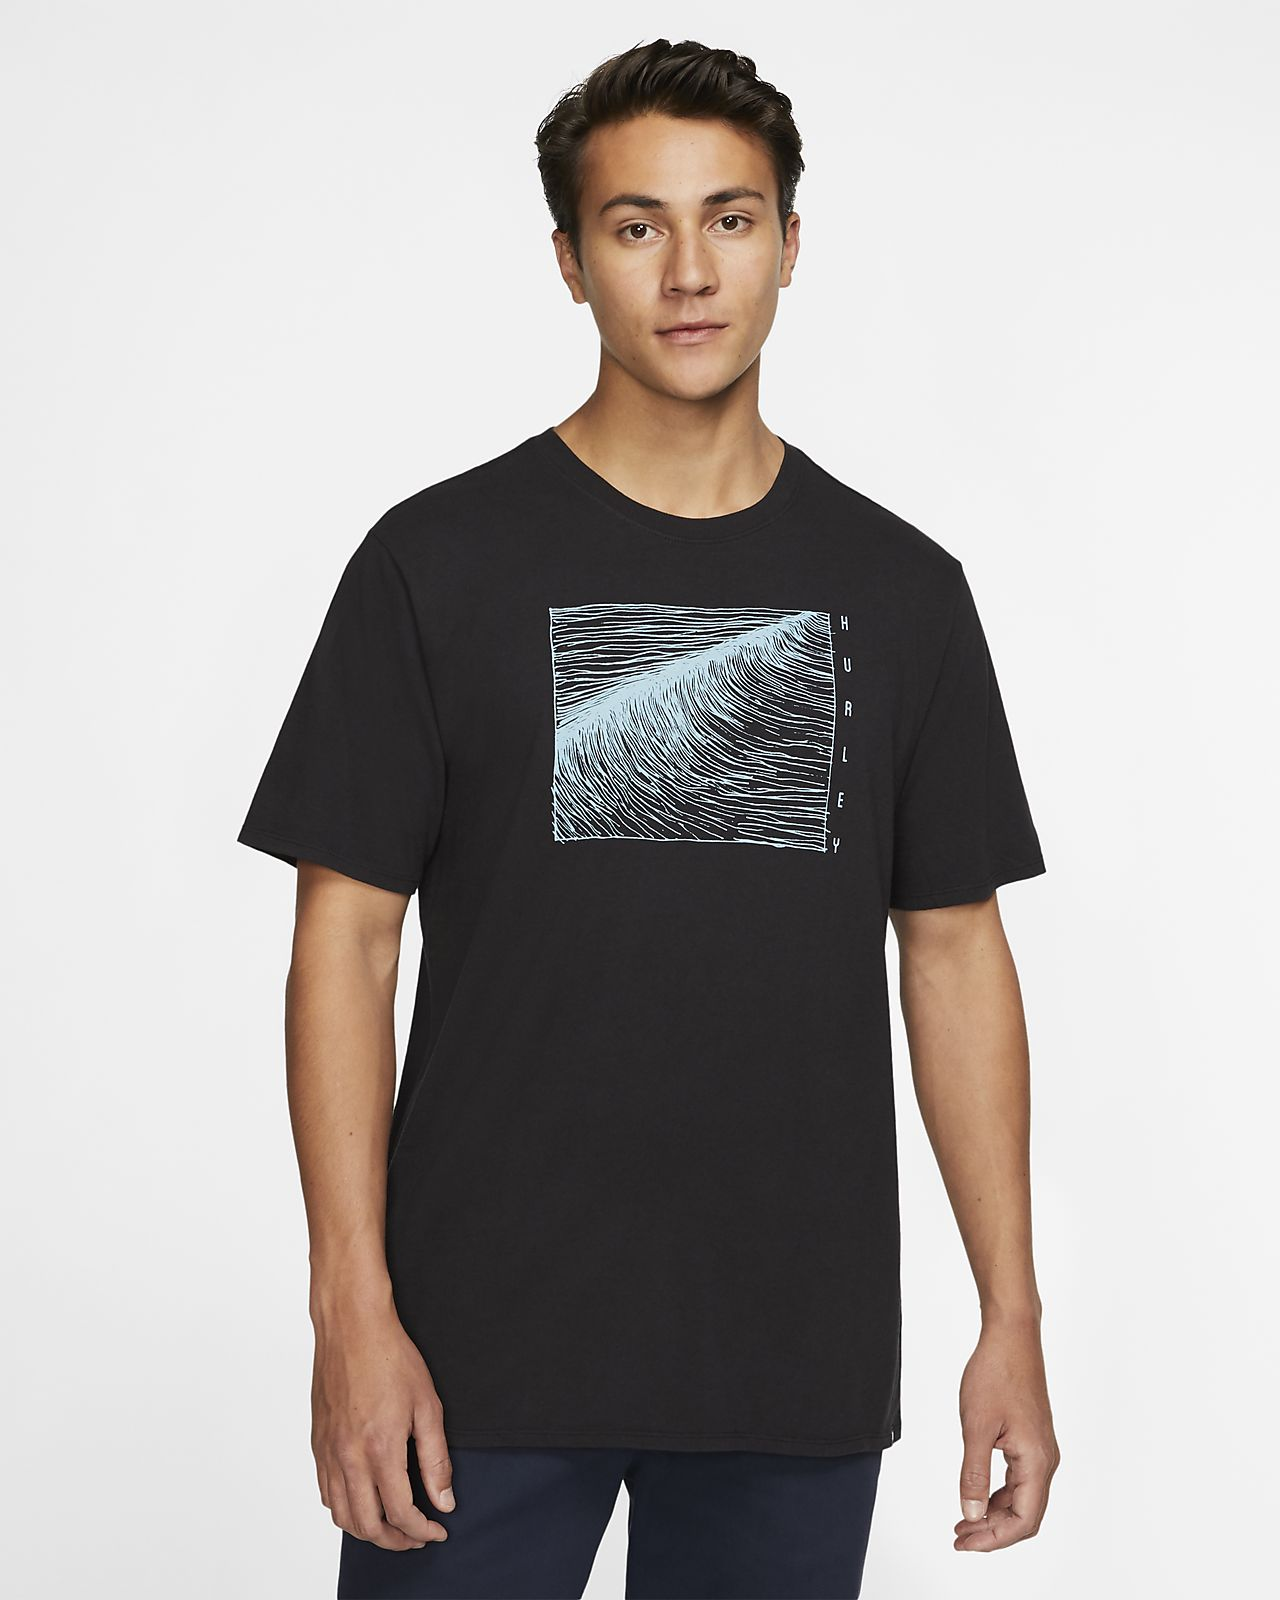 Hurley Linear Wave-T-shirt til mænd